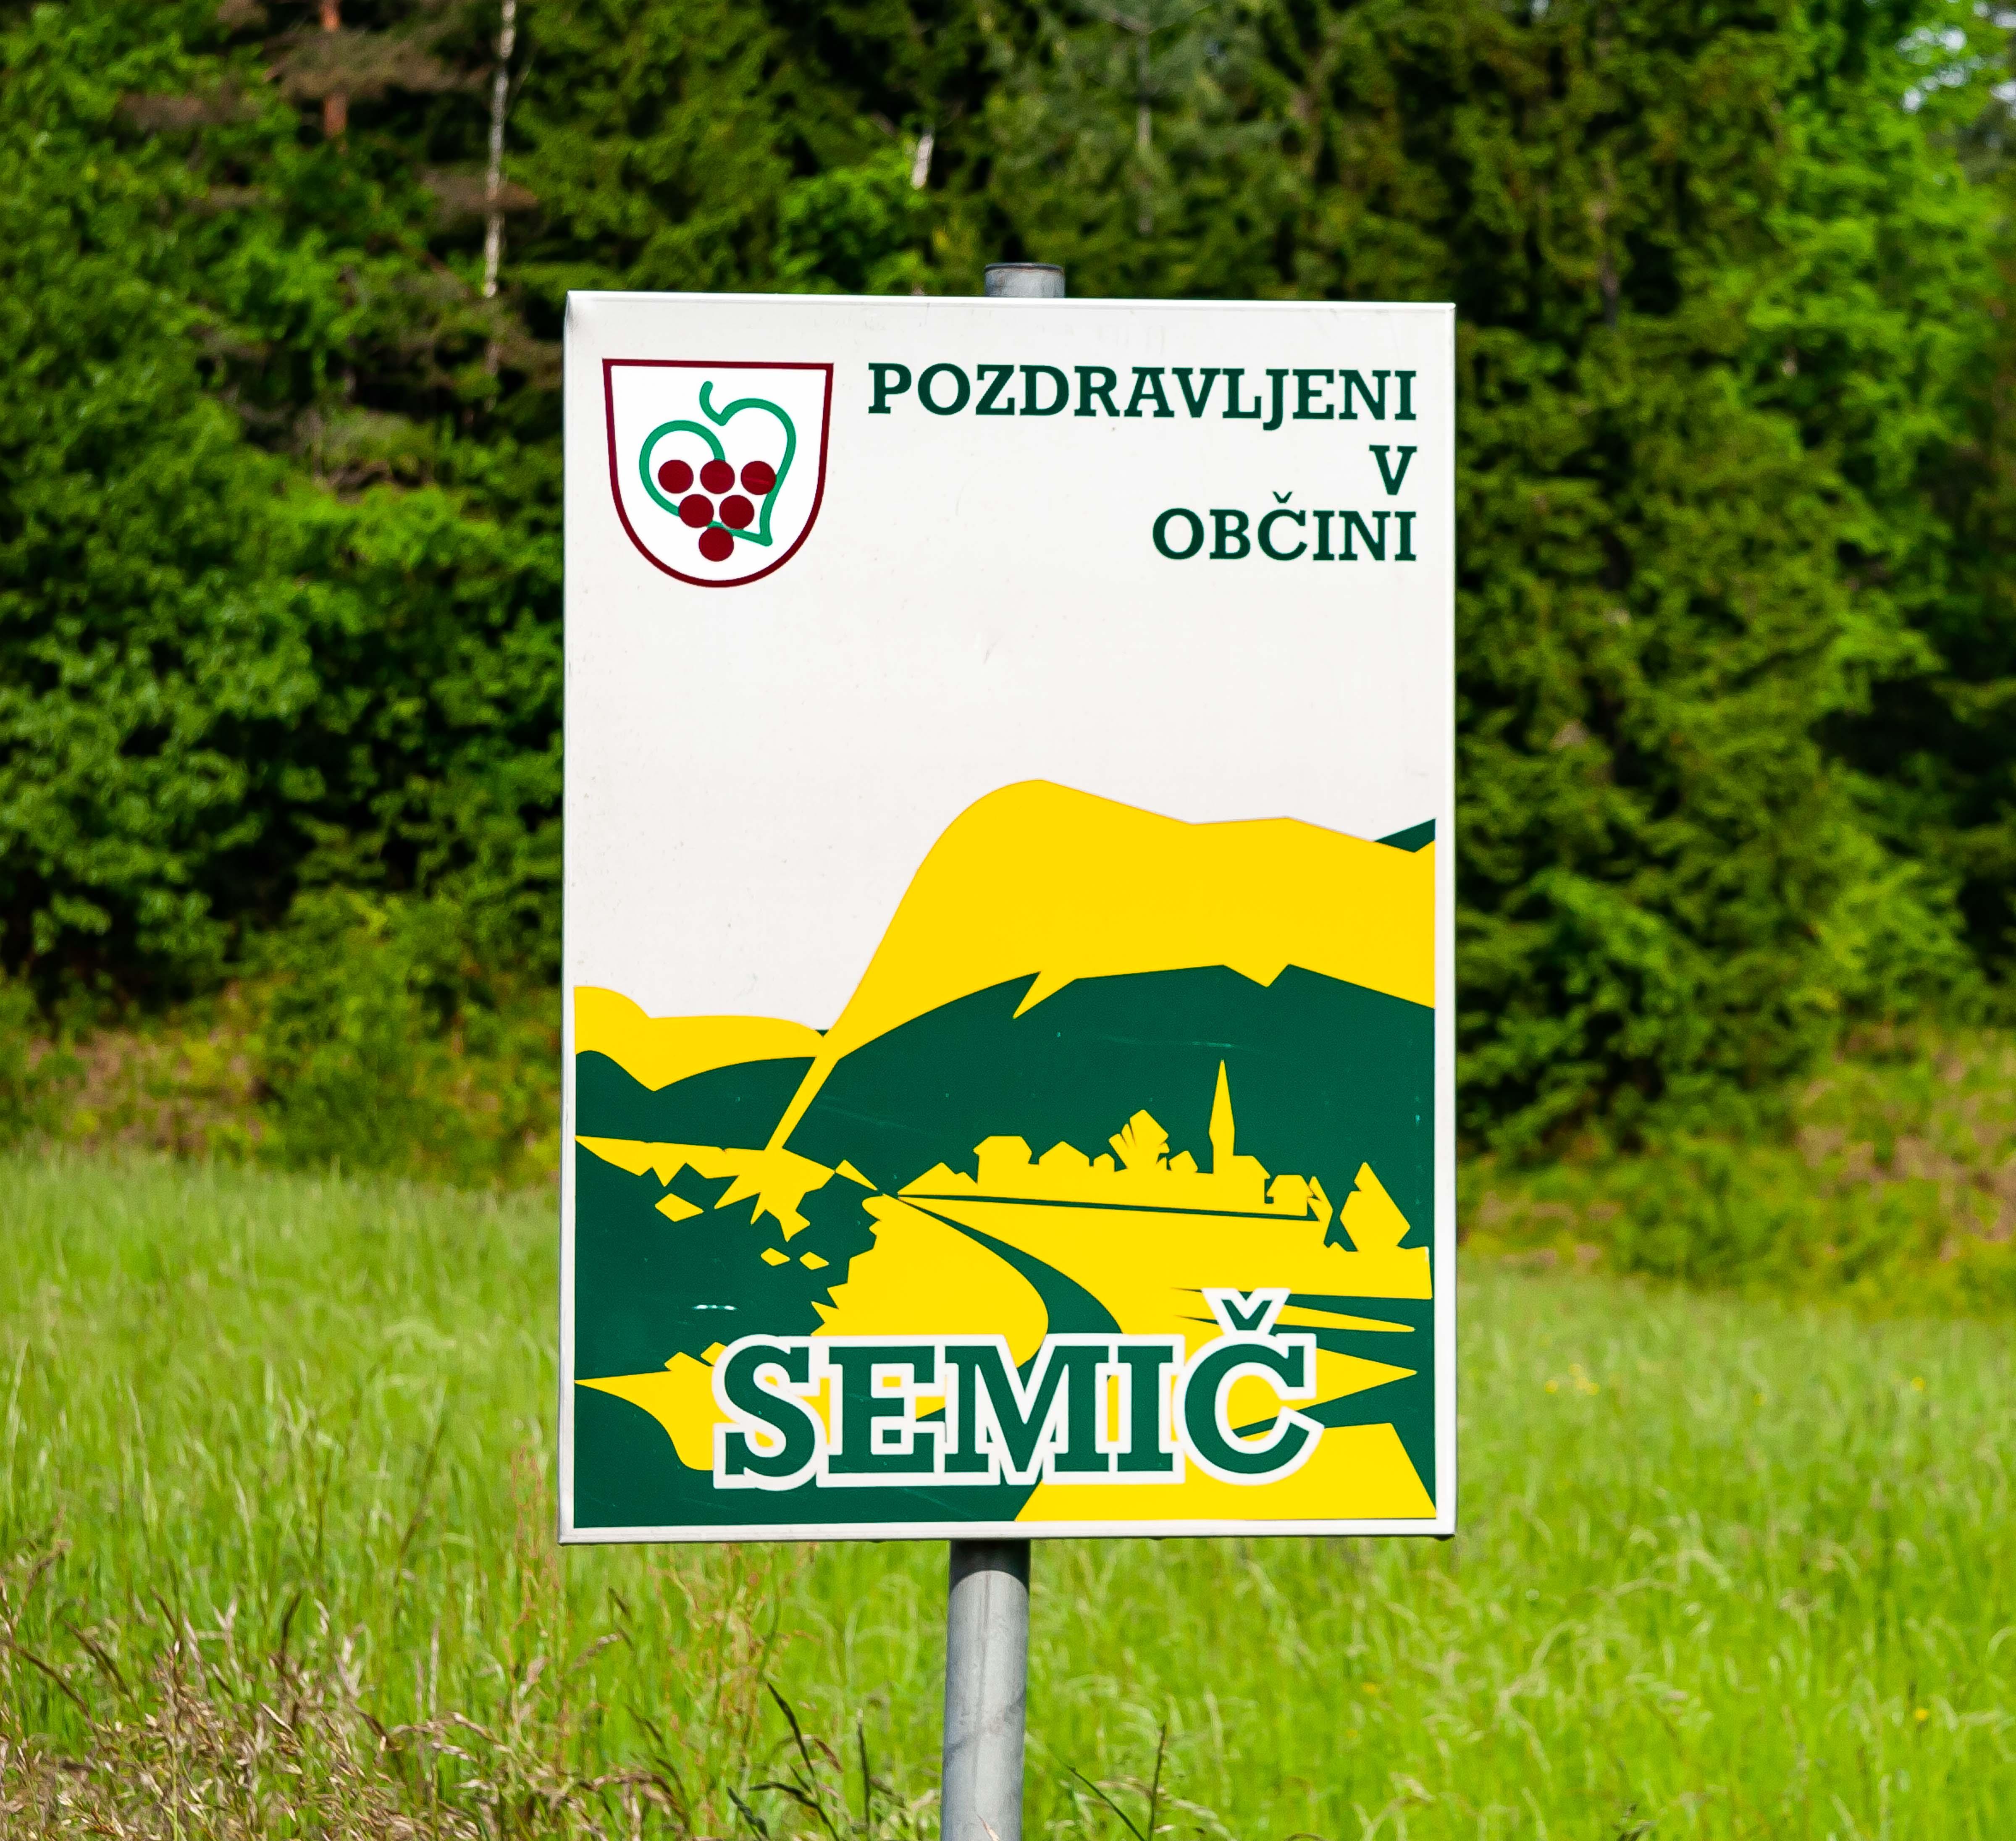 Slovenia, Semic Prov, Semic Obcina Sign, 2006, IMG 7434